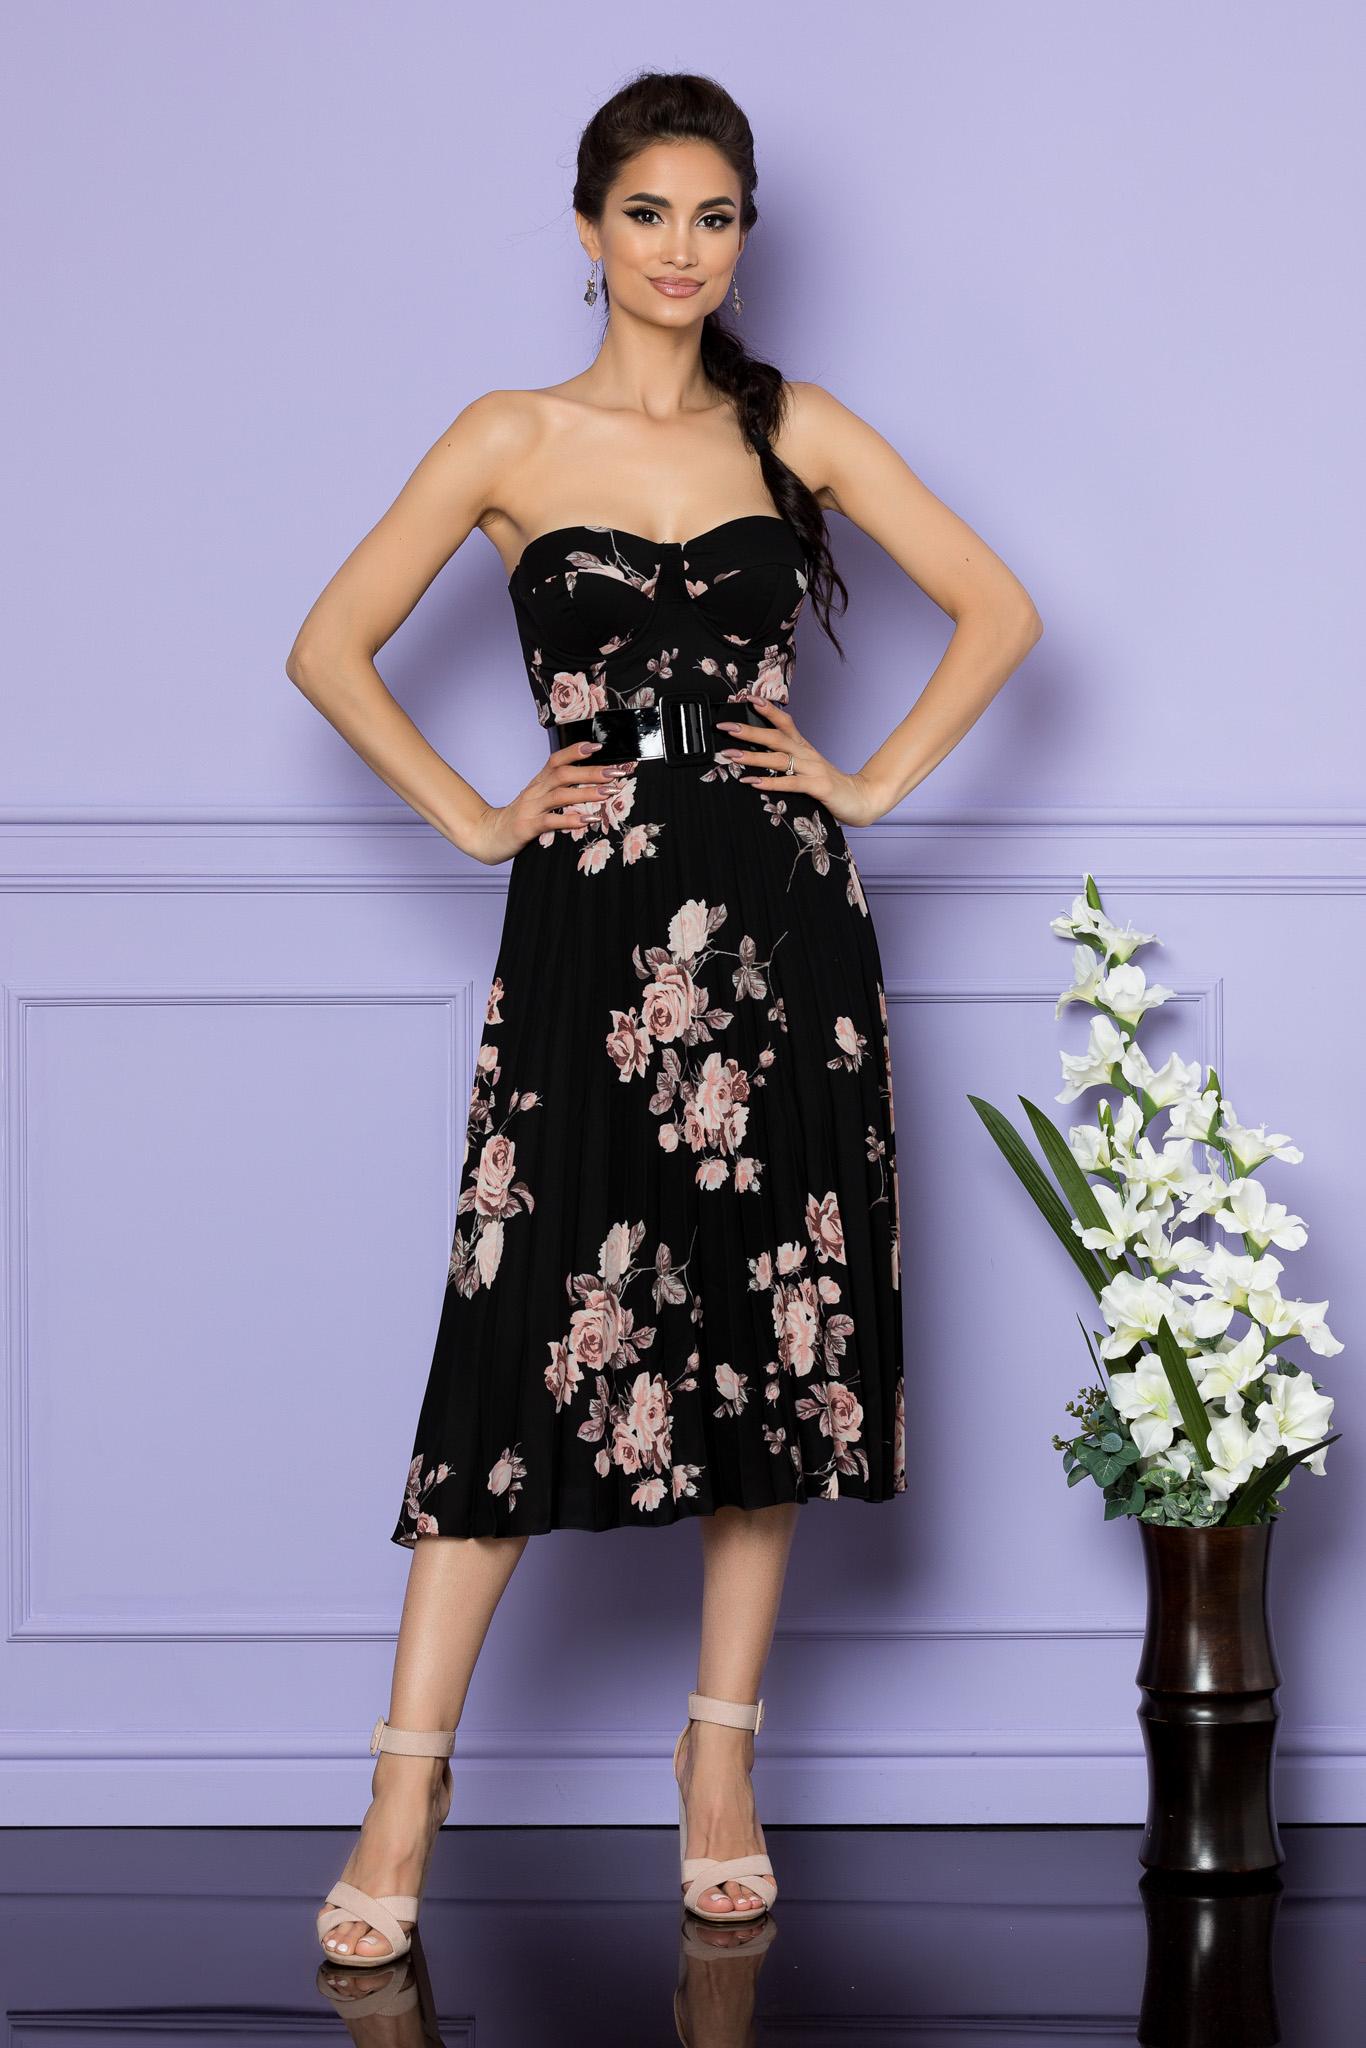 Rochie Serenity Floral